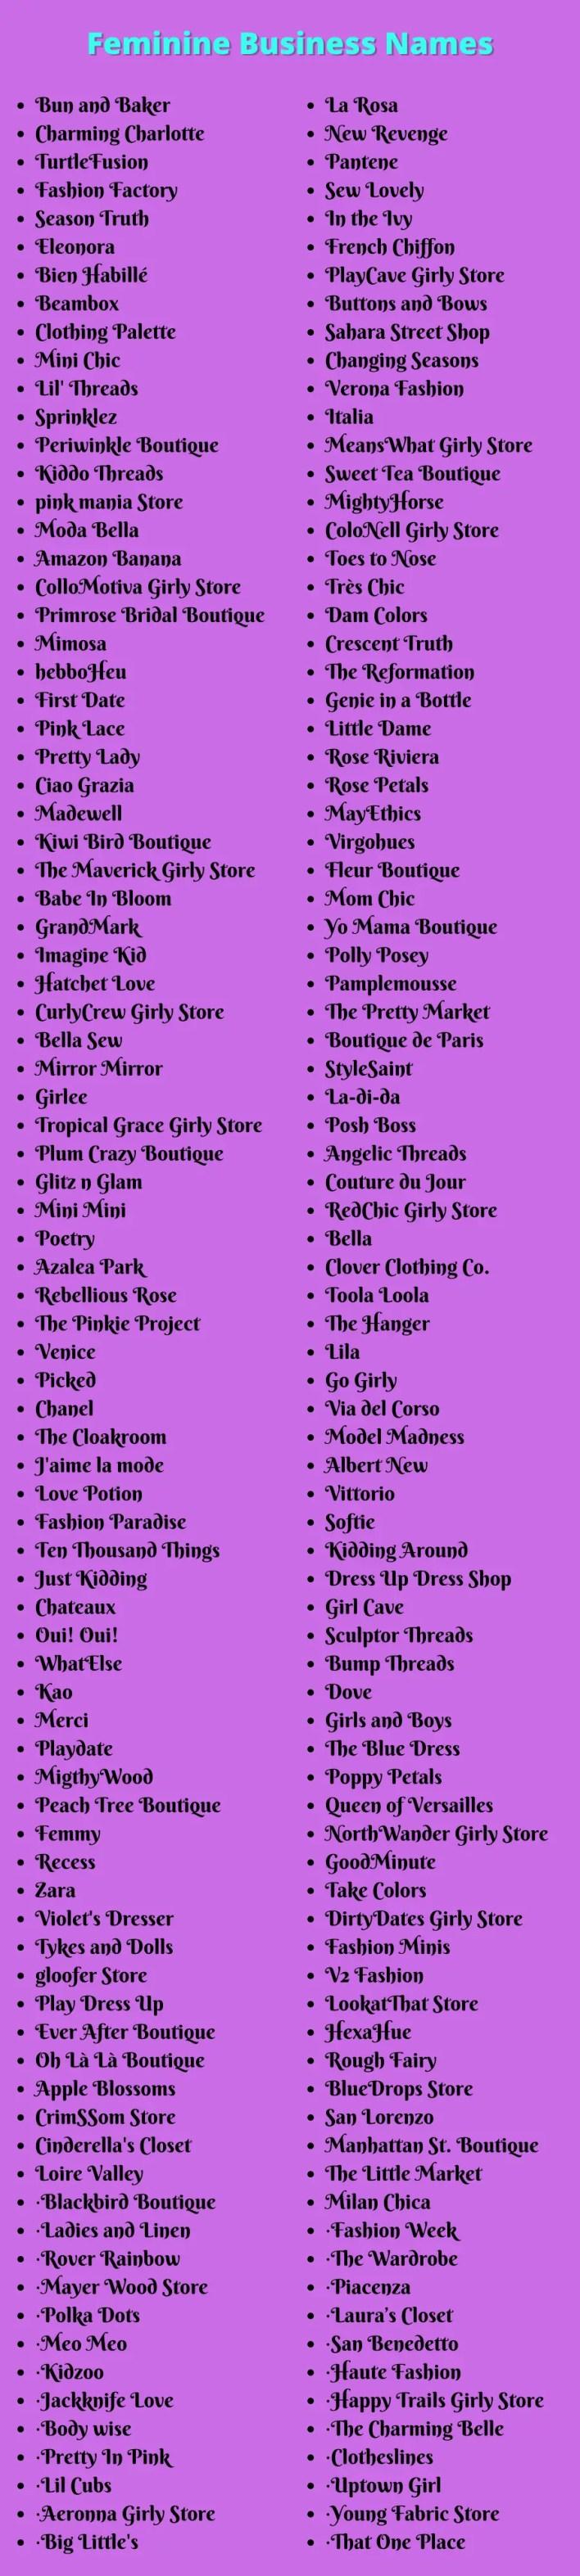 Feminine Business Names